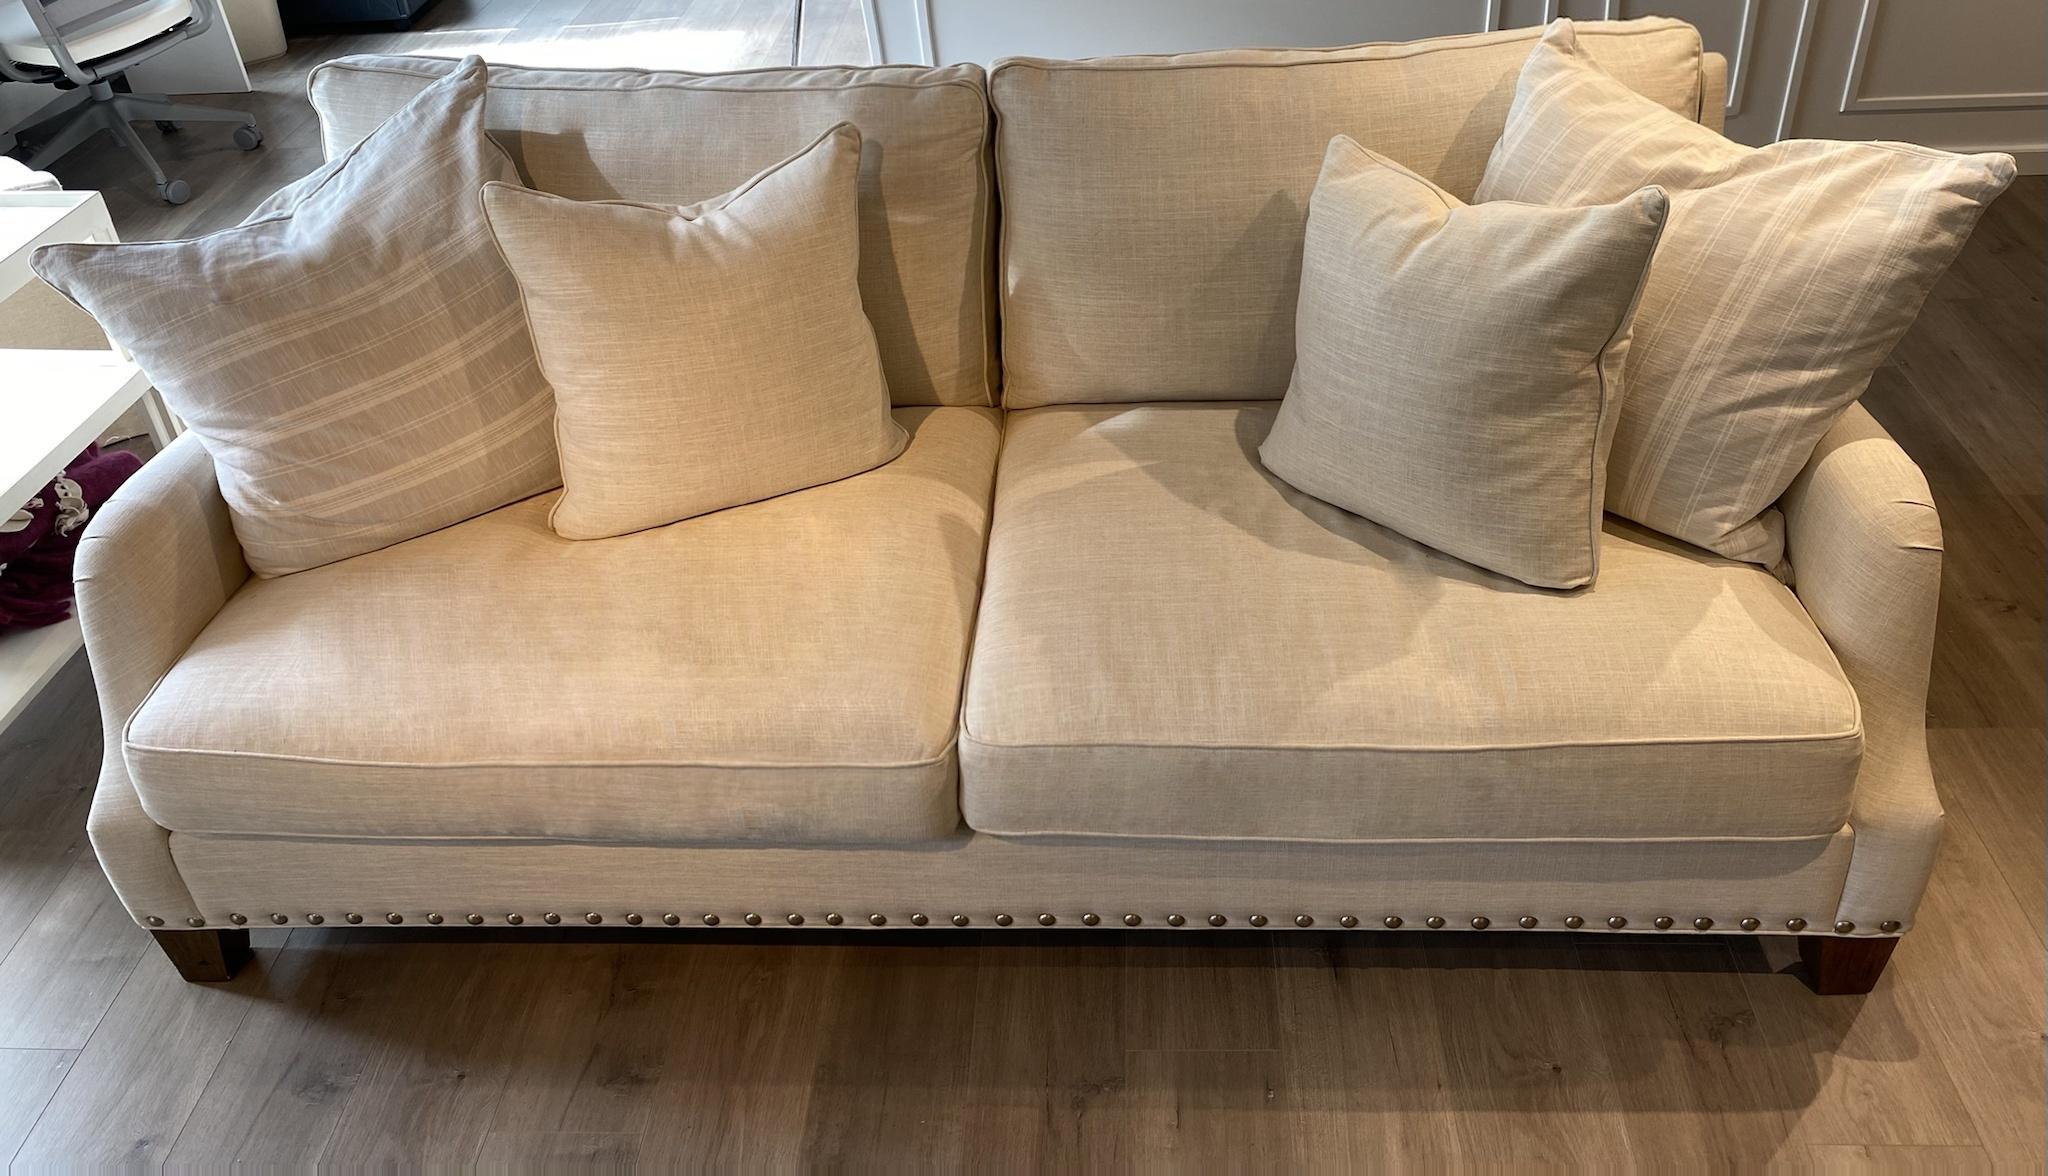 $1,800 - Sofa